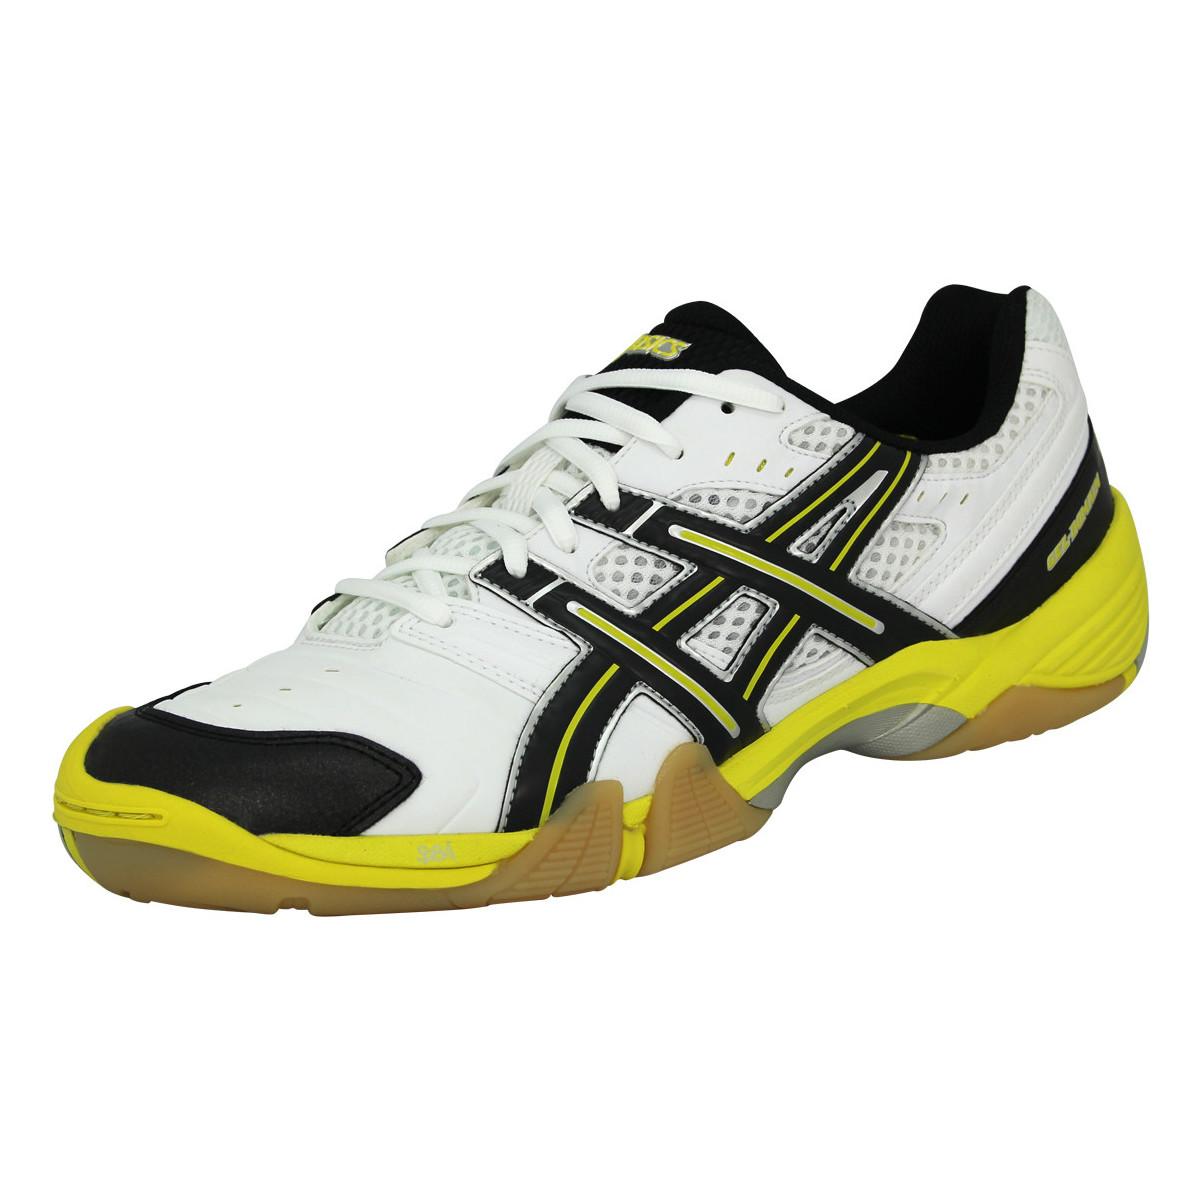 Asics GEL DOMAIN Chaussures de Handball Homme Blanc Noir Jaune blanc